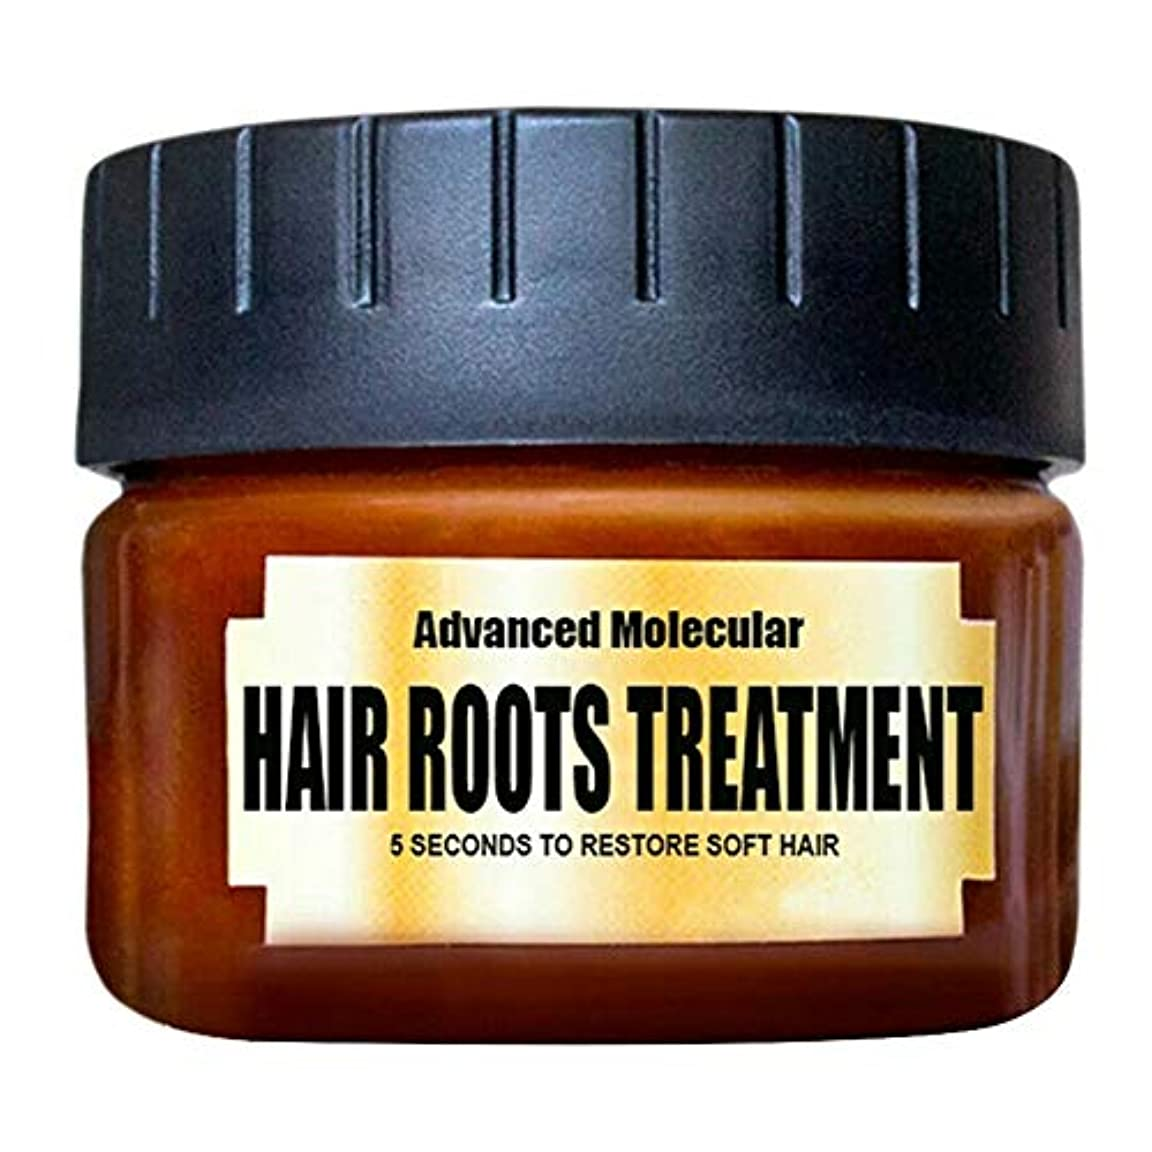 サイバースペースホイッスルパプアニューギニアBTFirst ヘアルーツトリートメント健康的なソフトヘアケアエッセンスを修復柔らかい髪を取り戻す弾力性を取り戻し健康を取り戻し効果的で便利